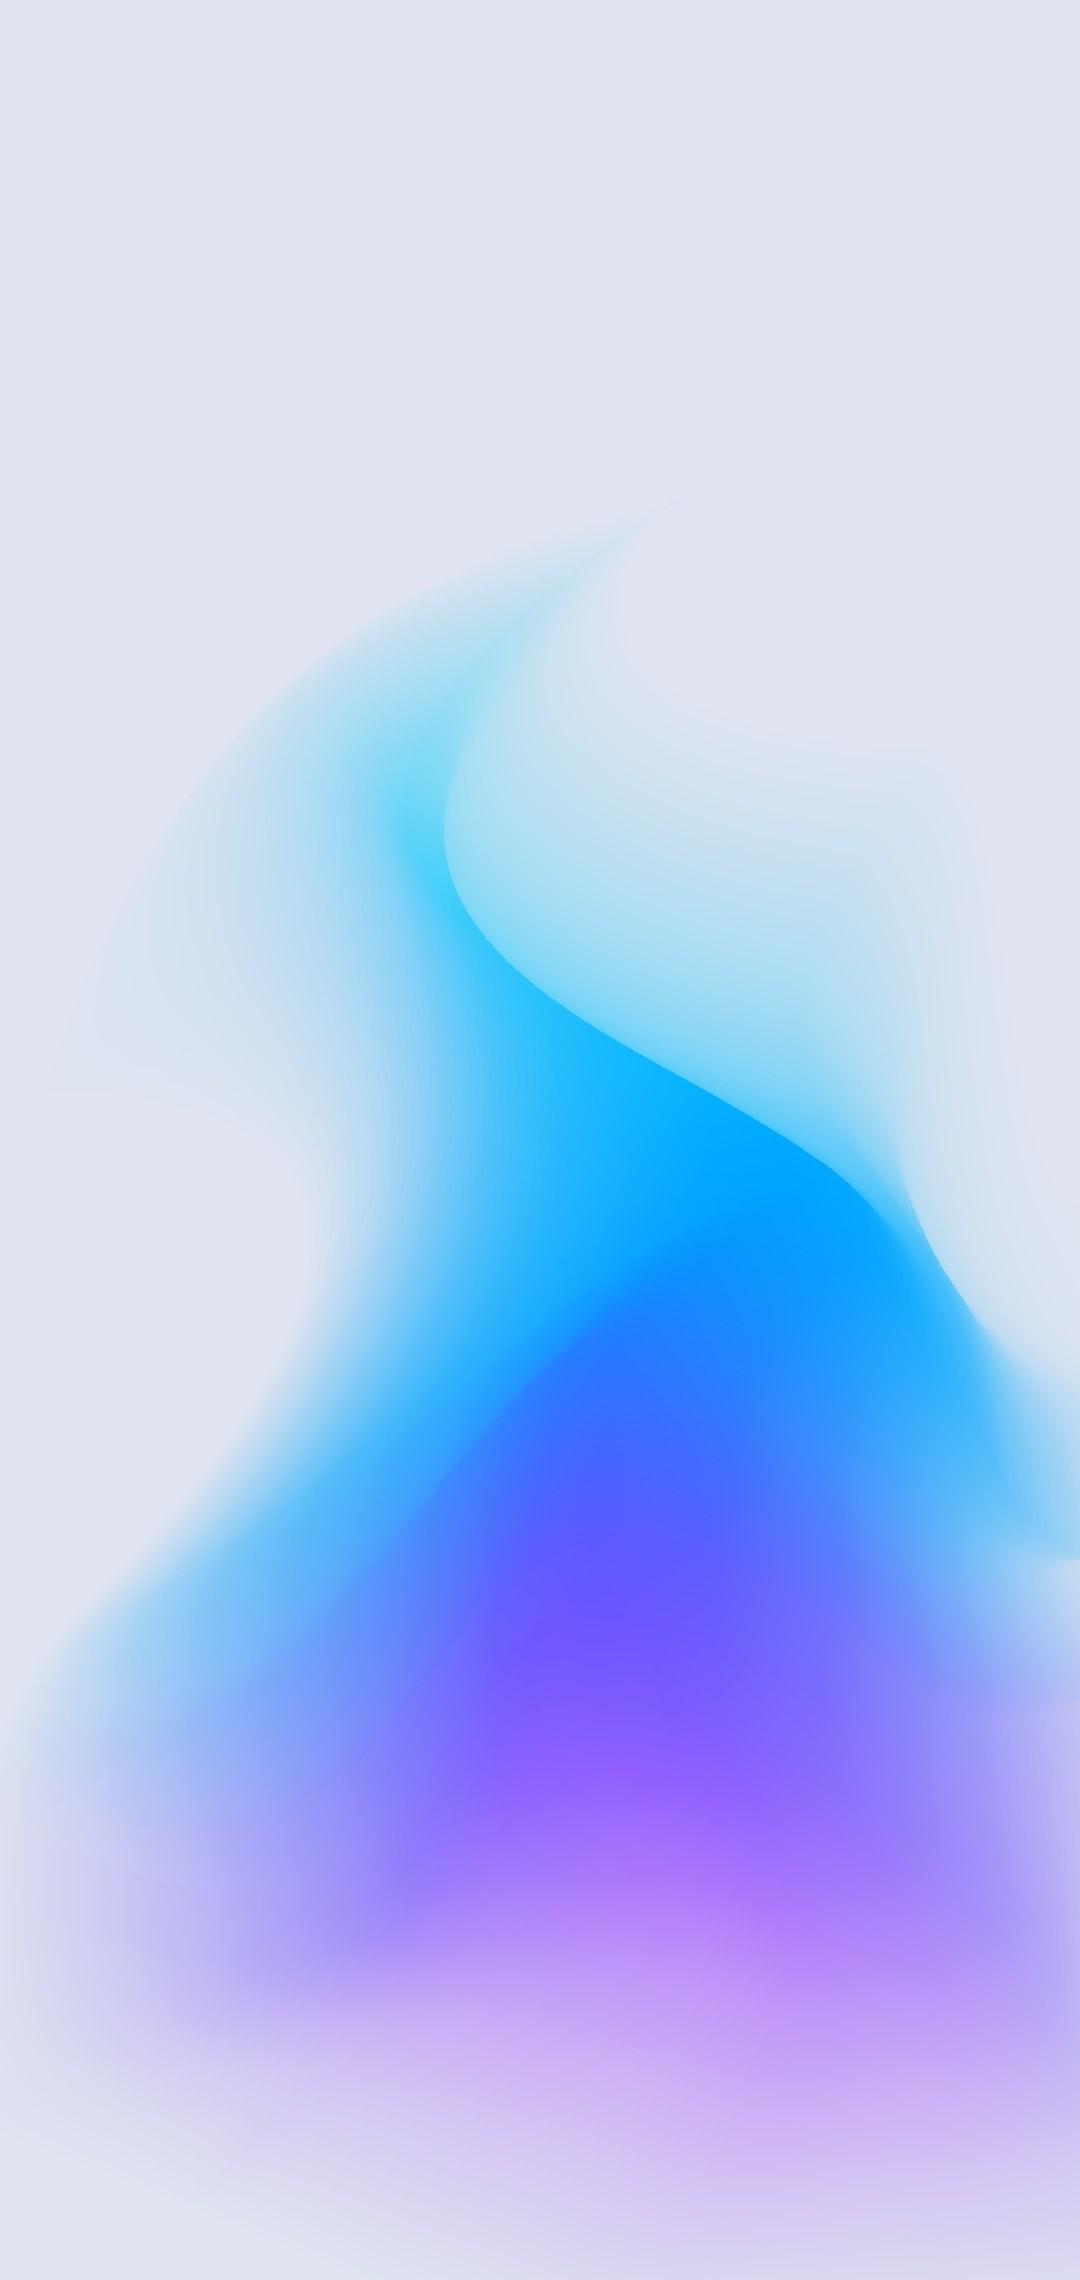 1552292866290.jpg